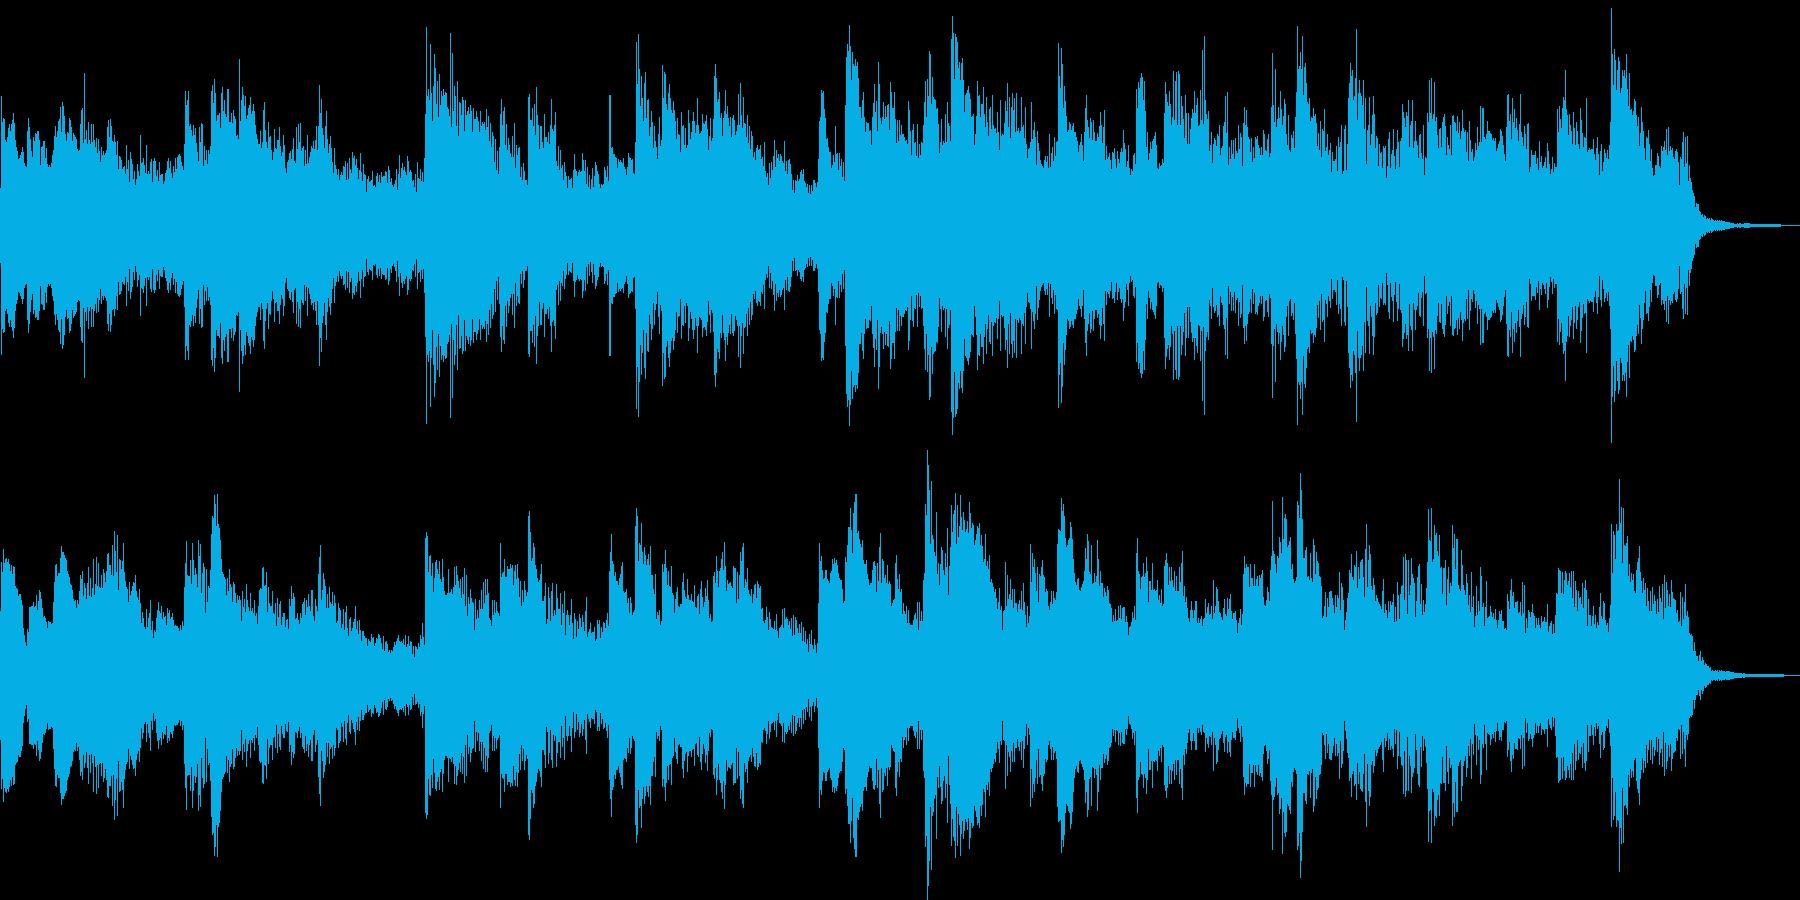 ピアノとストリングスの悲しく暗いBGMの再生済みの波形